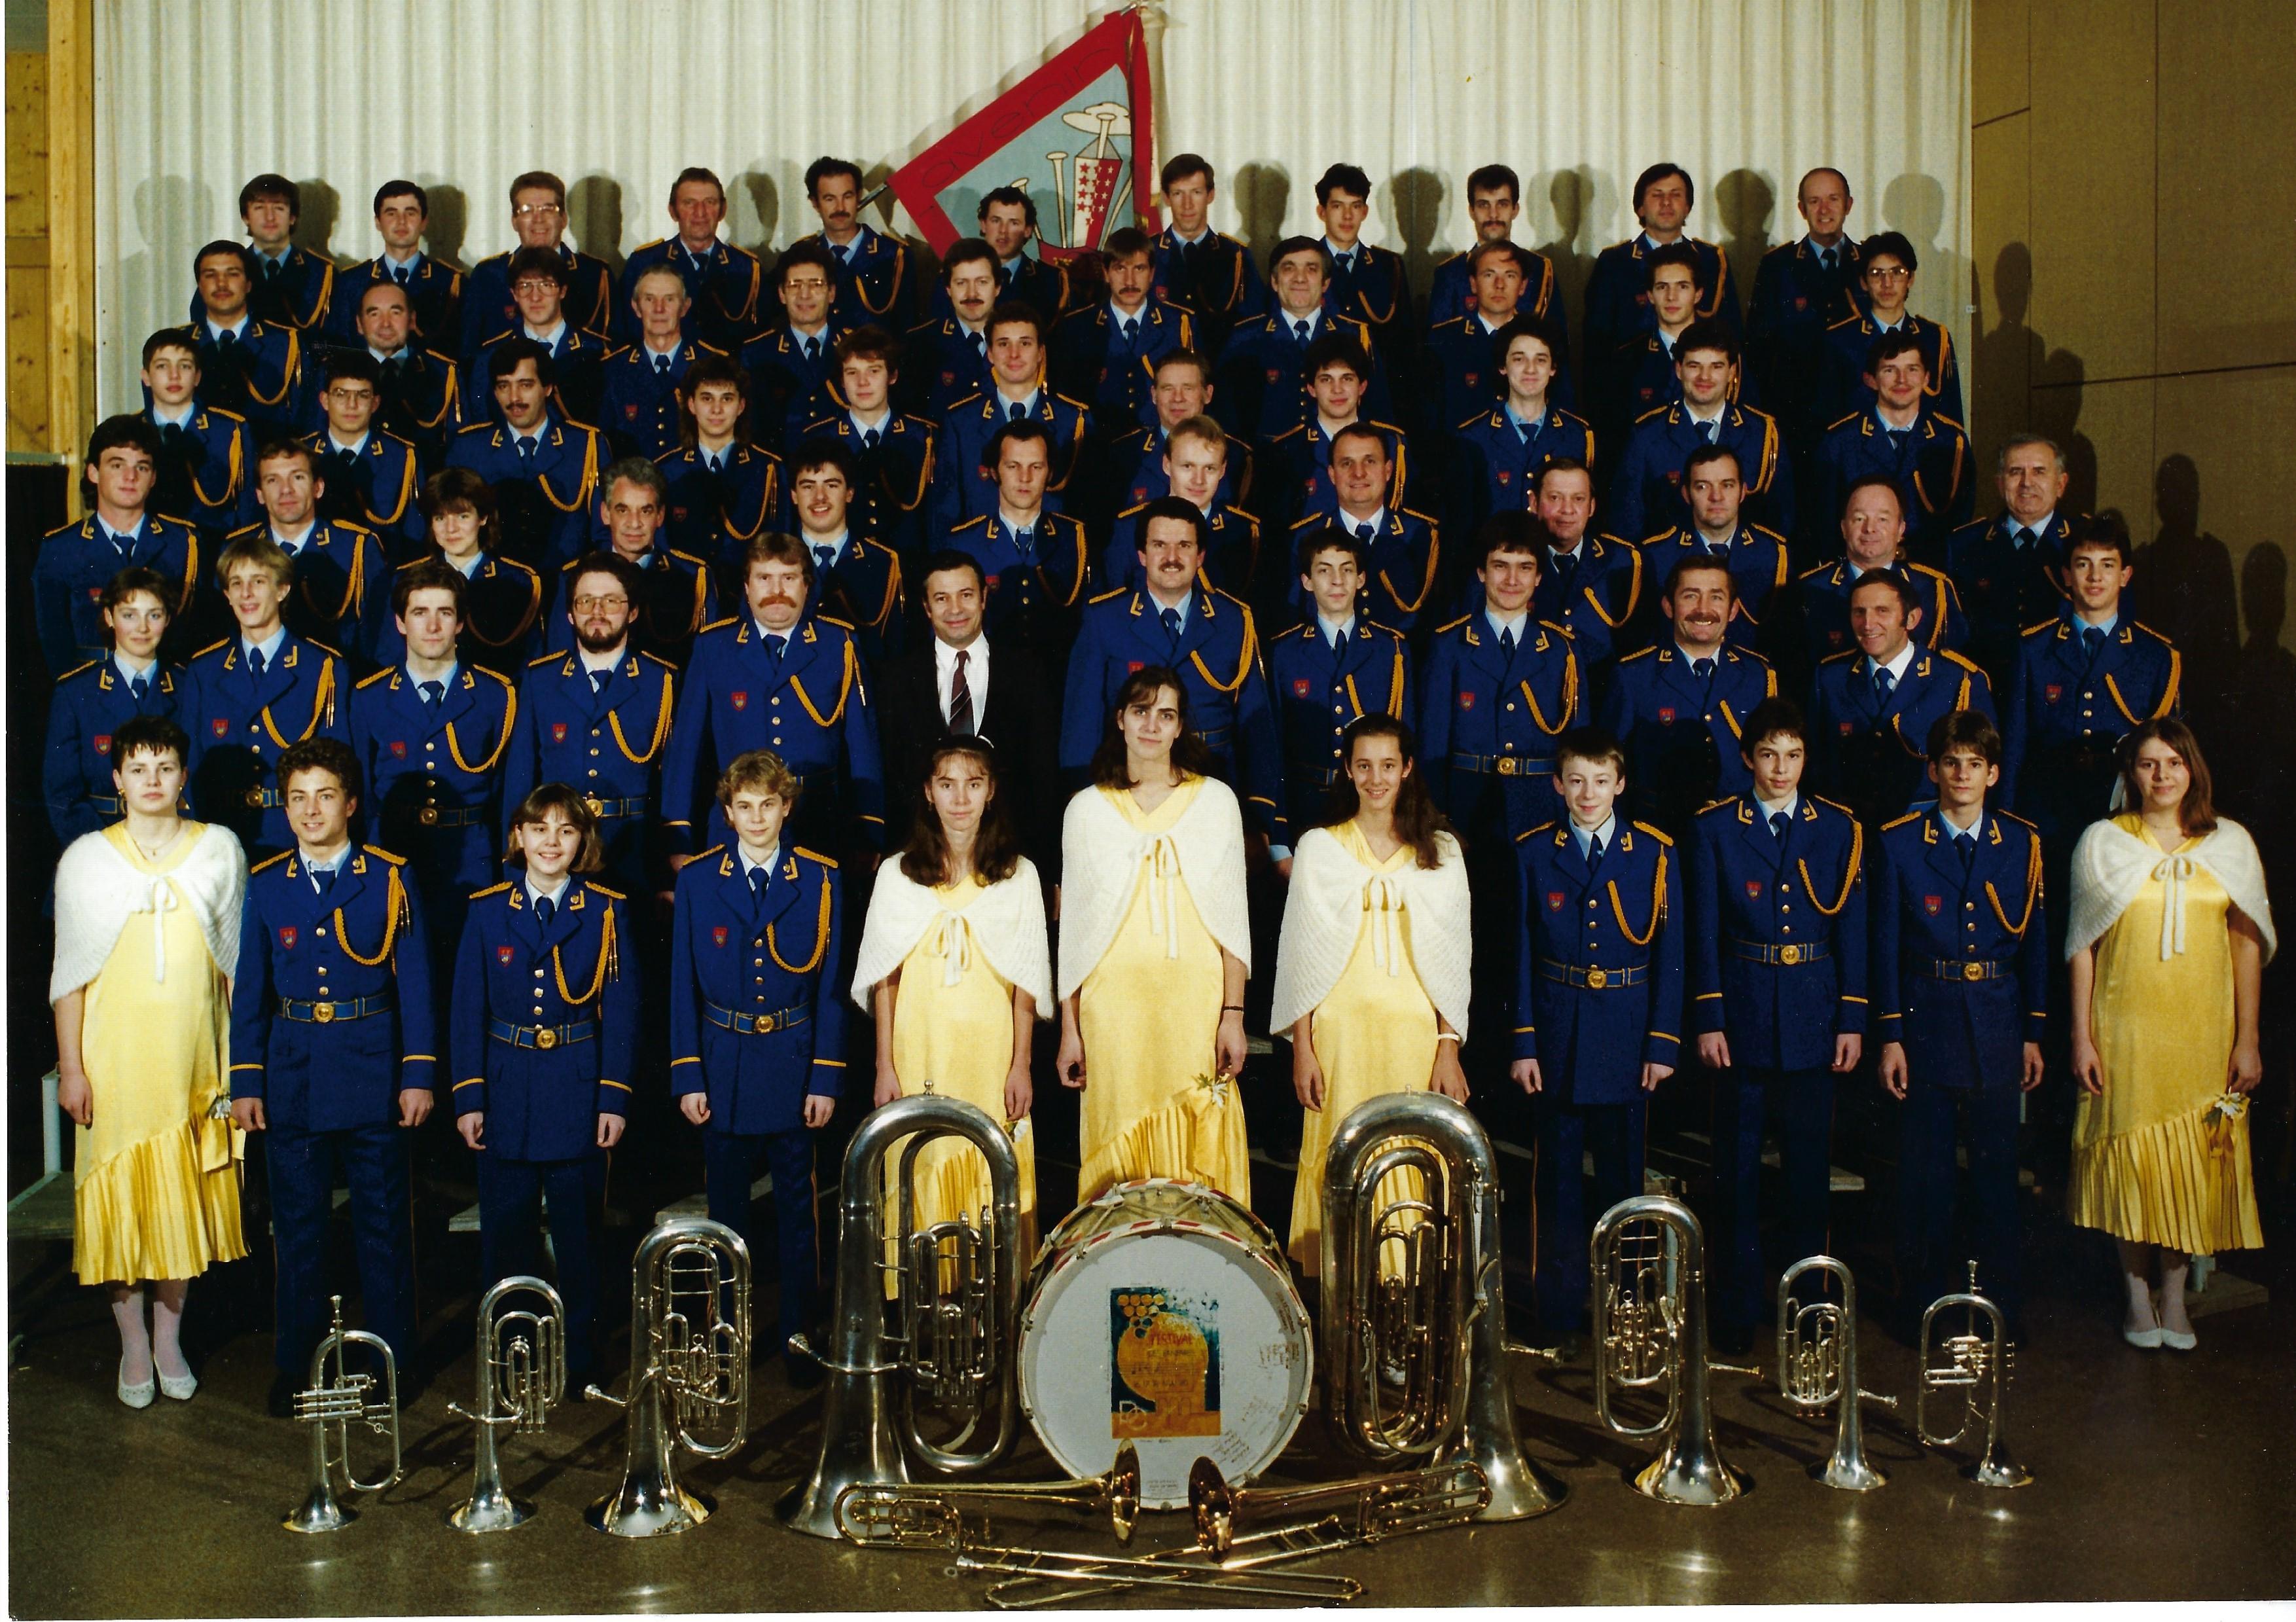 70ème anniversaire de la fanfare en 1989